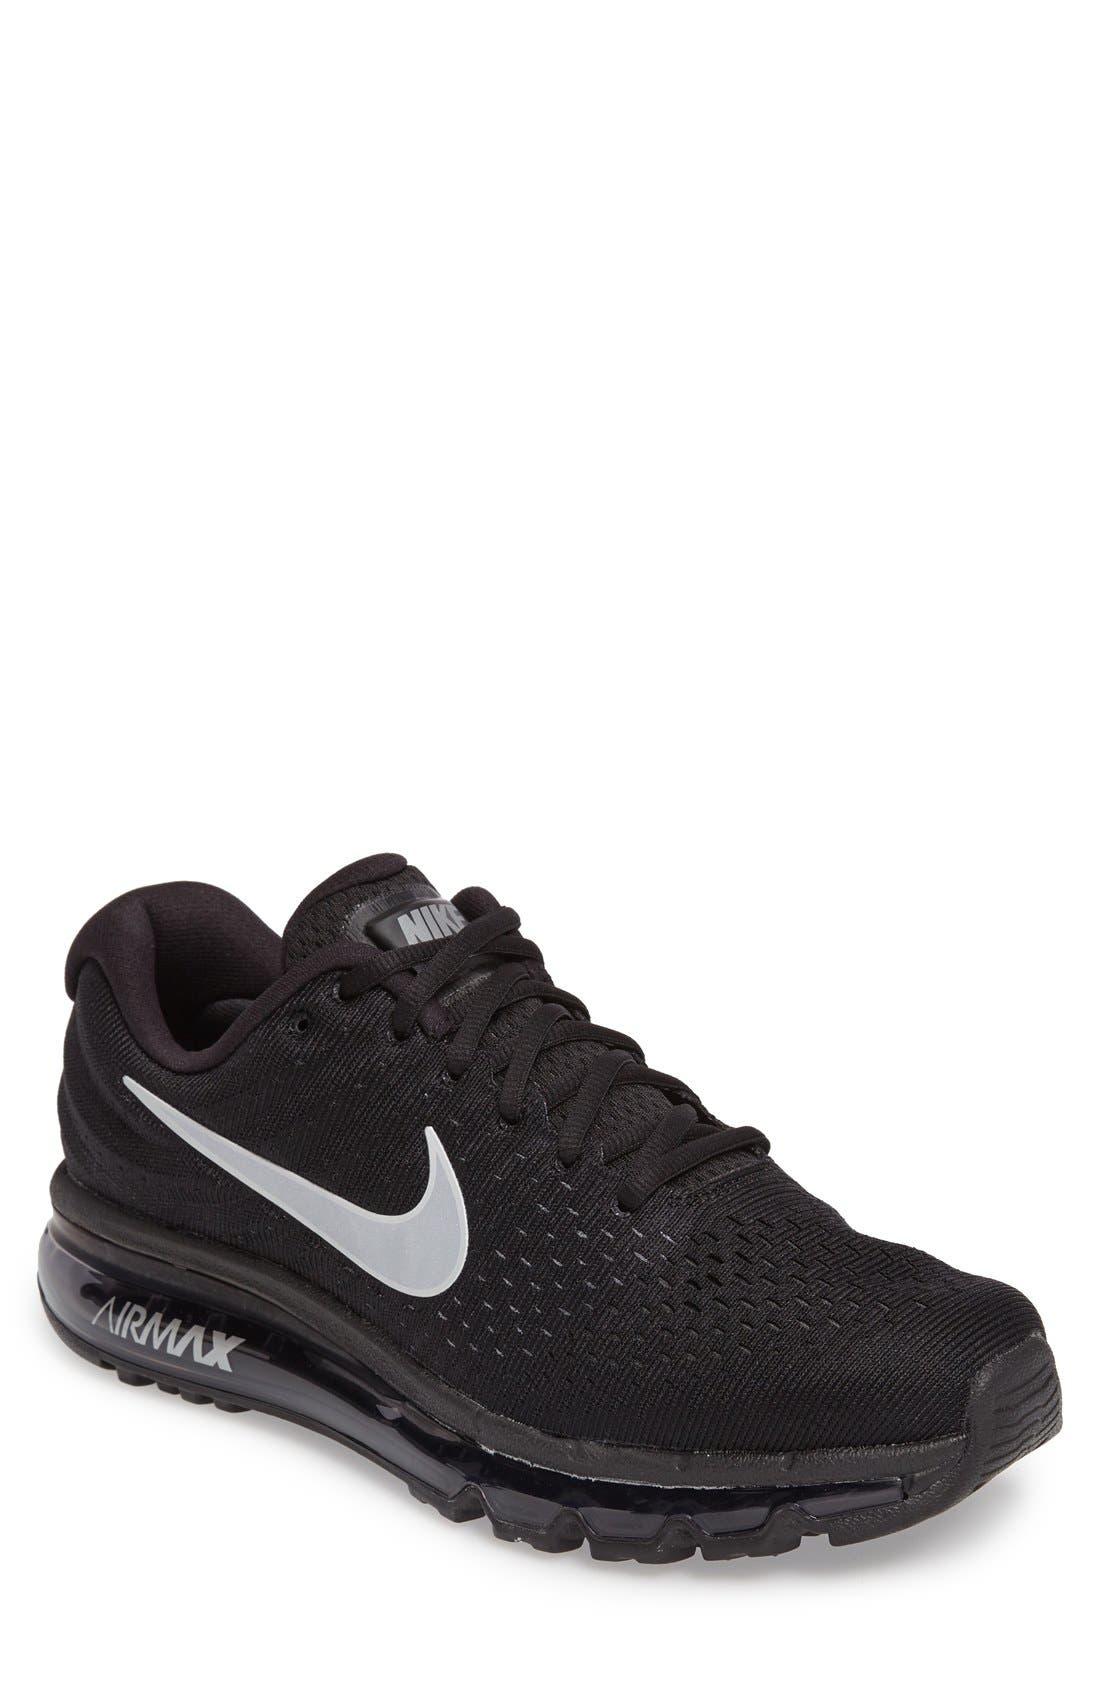 Alternate Image 1 Selected - Nike Air Max 2017 Running Shoe (Men)